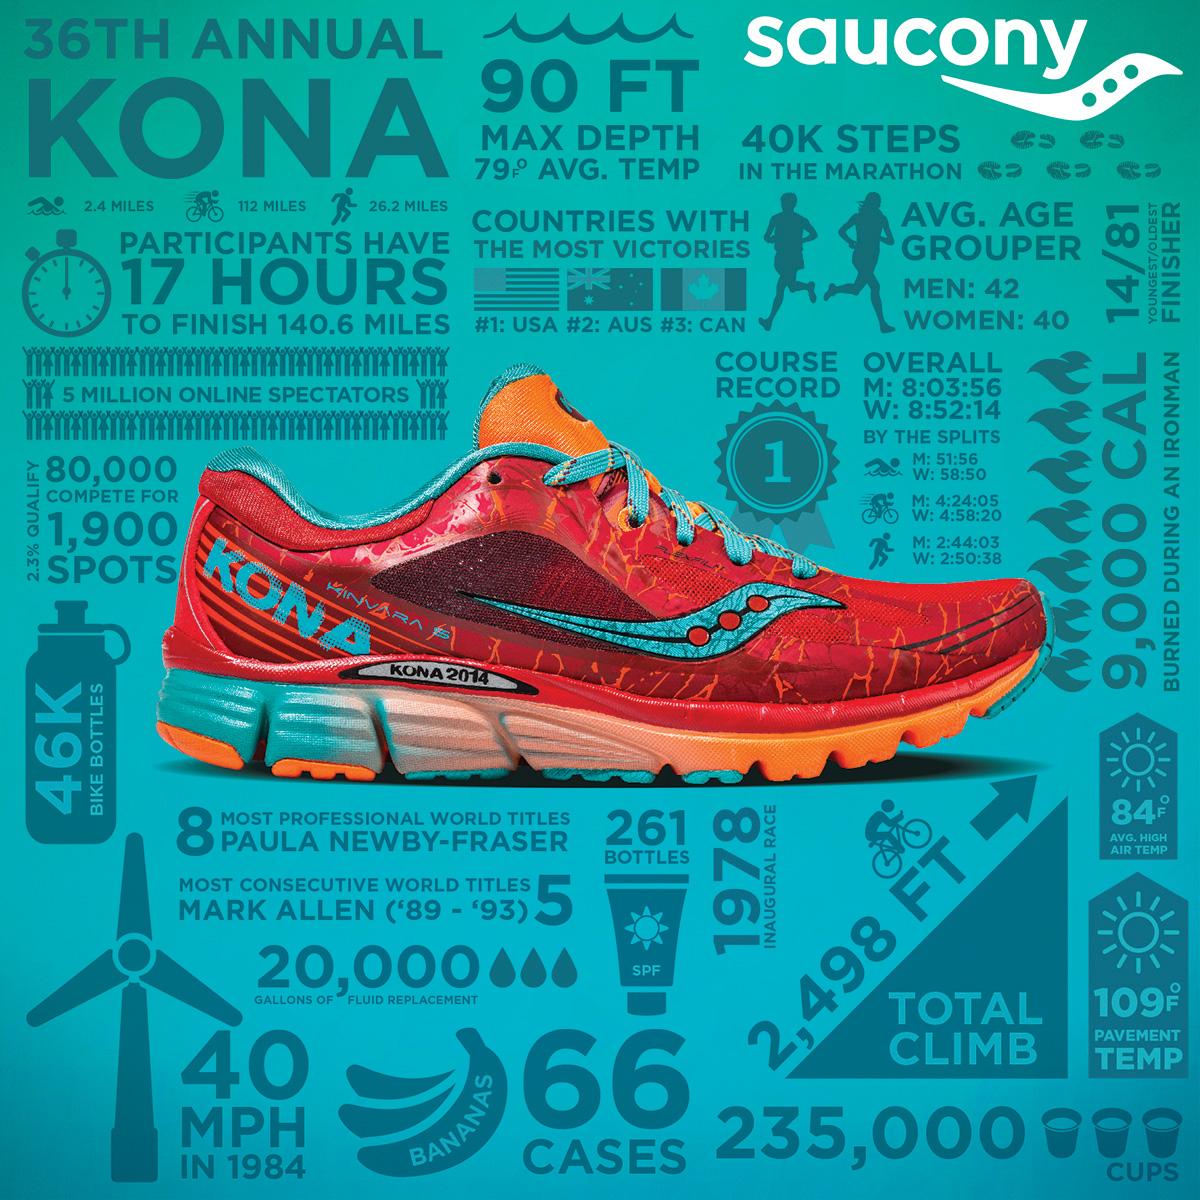 2014_Saucony-Kona-Infographic2